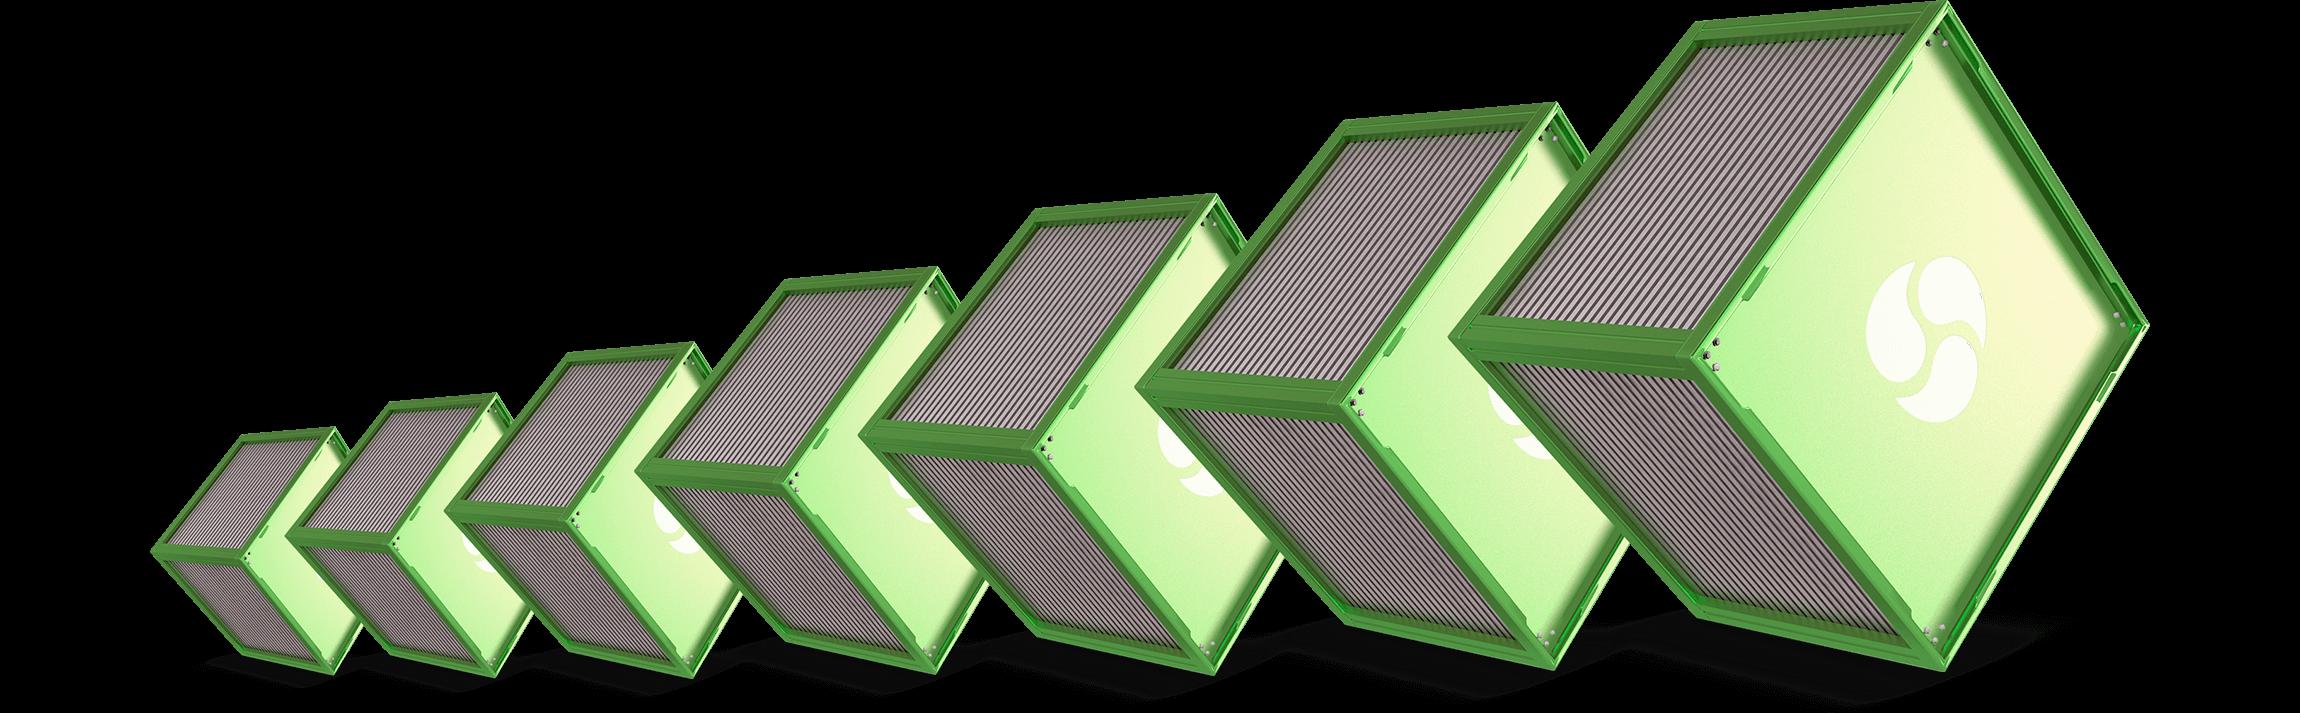 crossflow-heat-exchanger-sizes